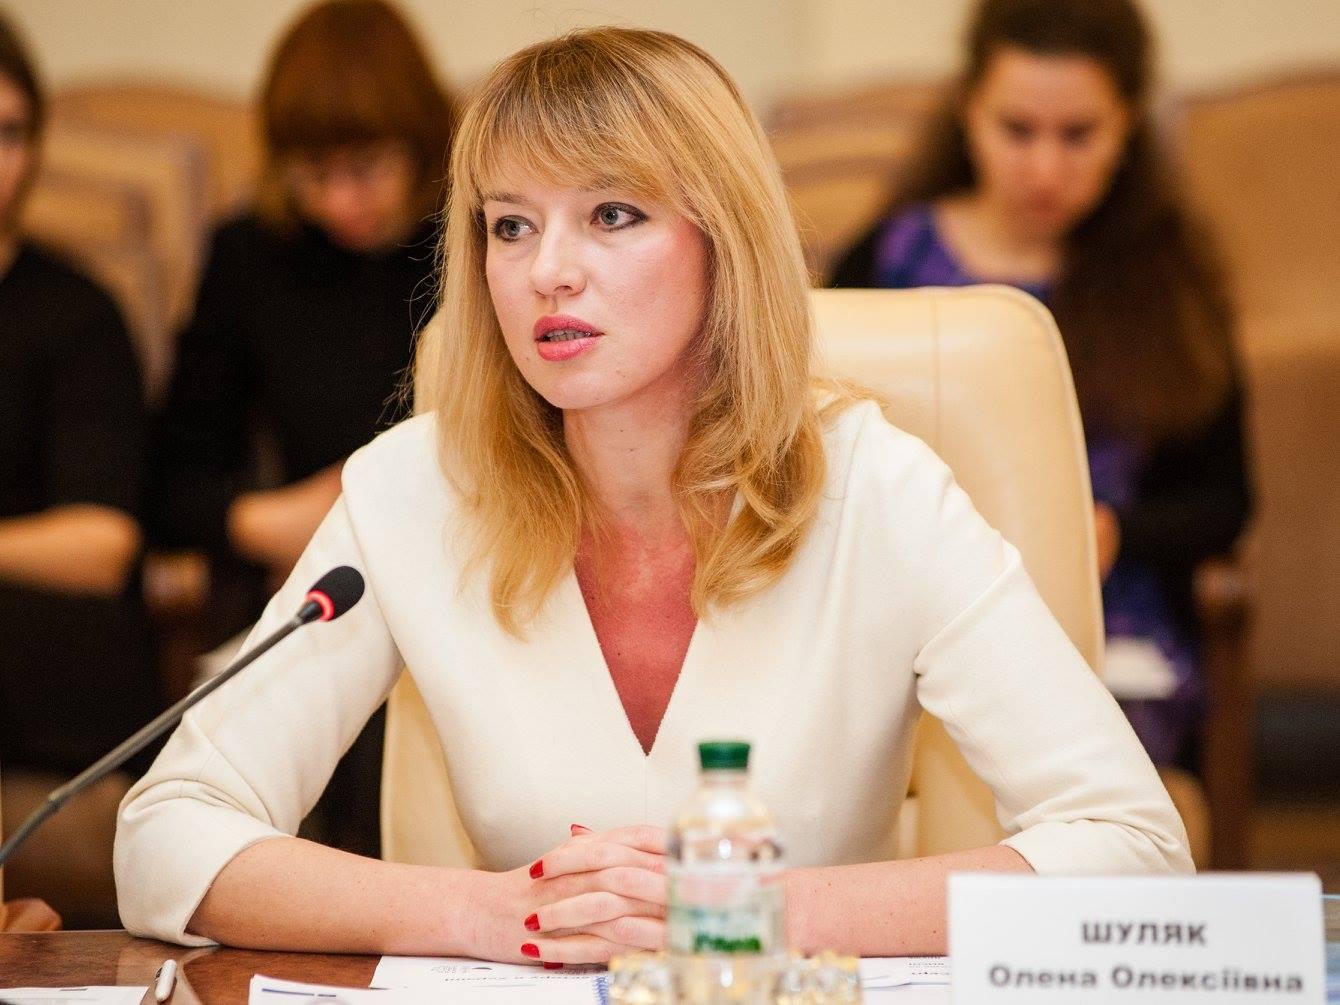 Шуляк Олена Олексіївна